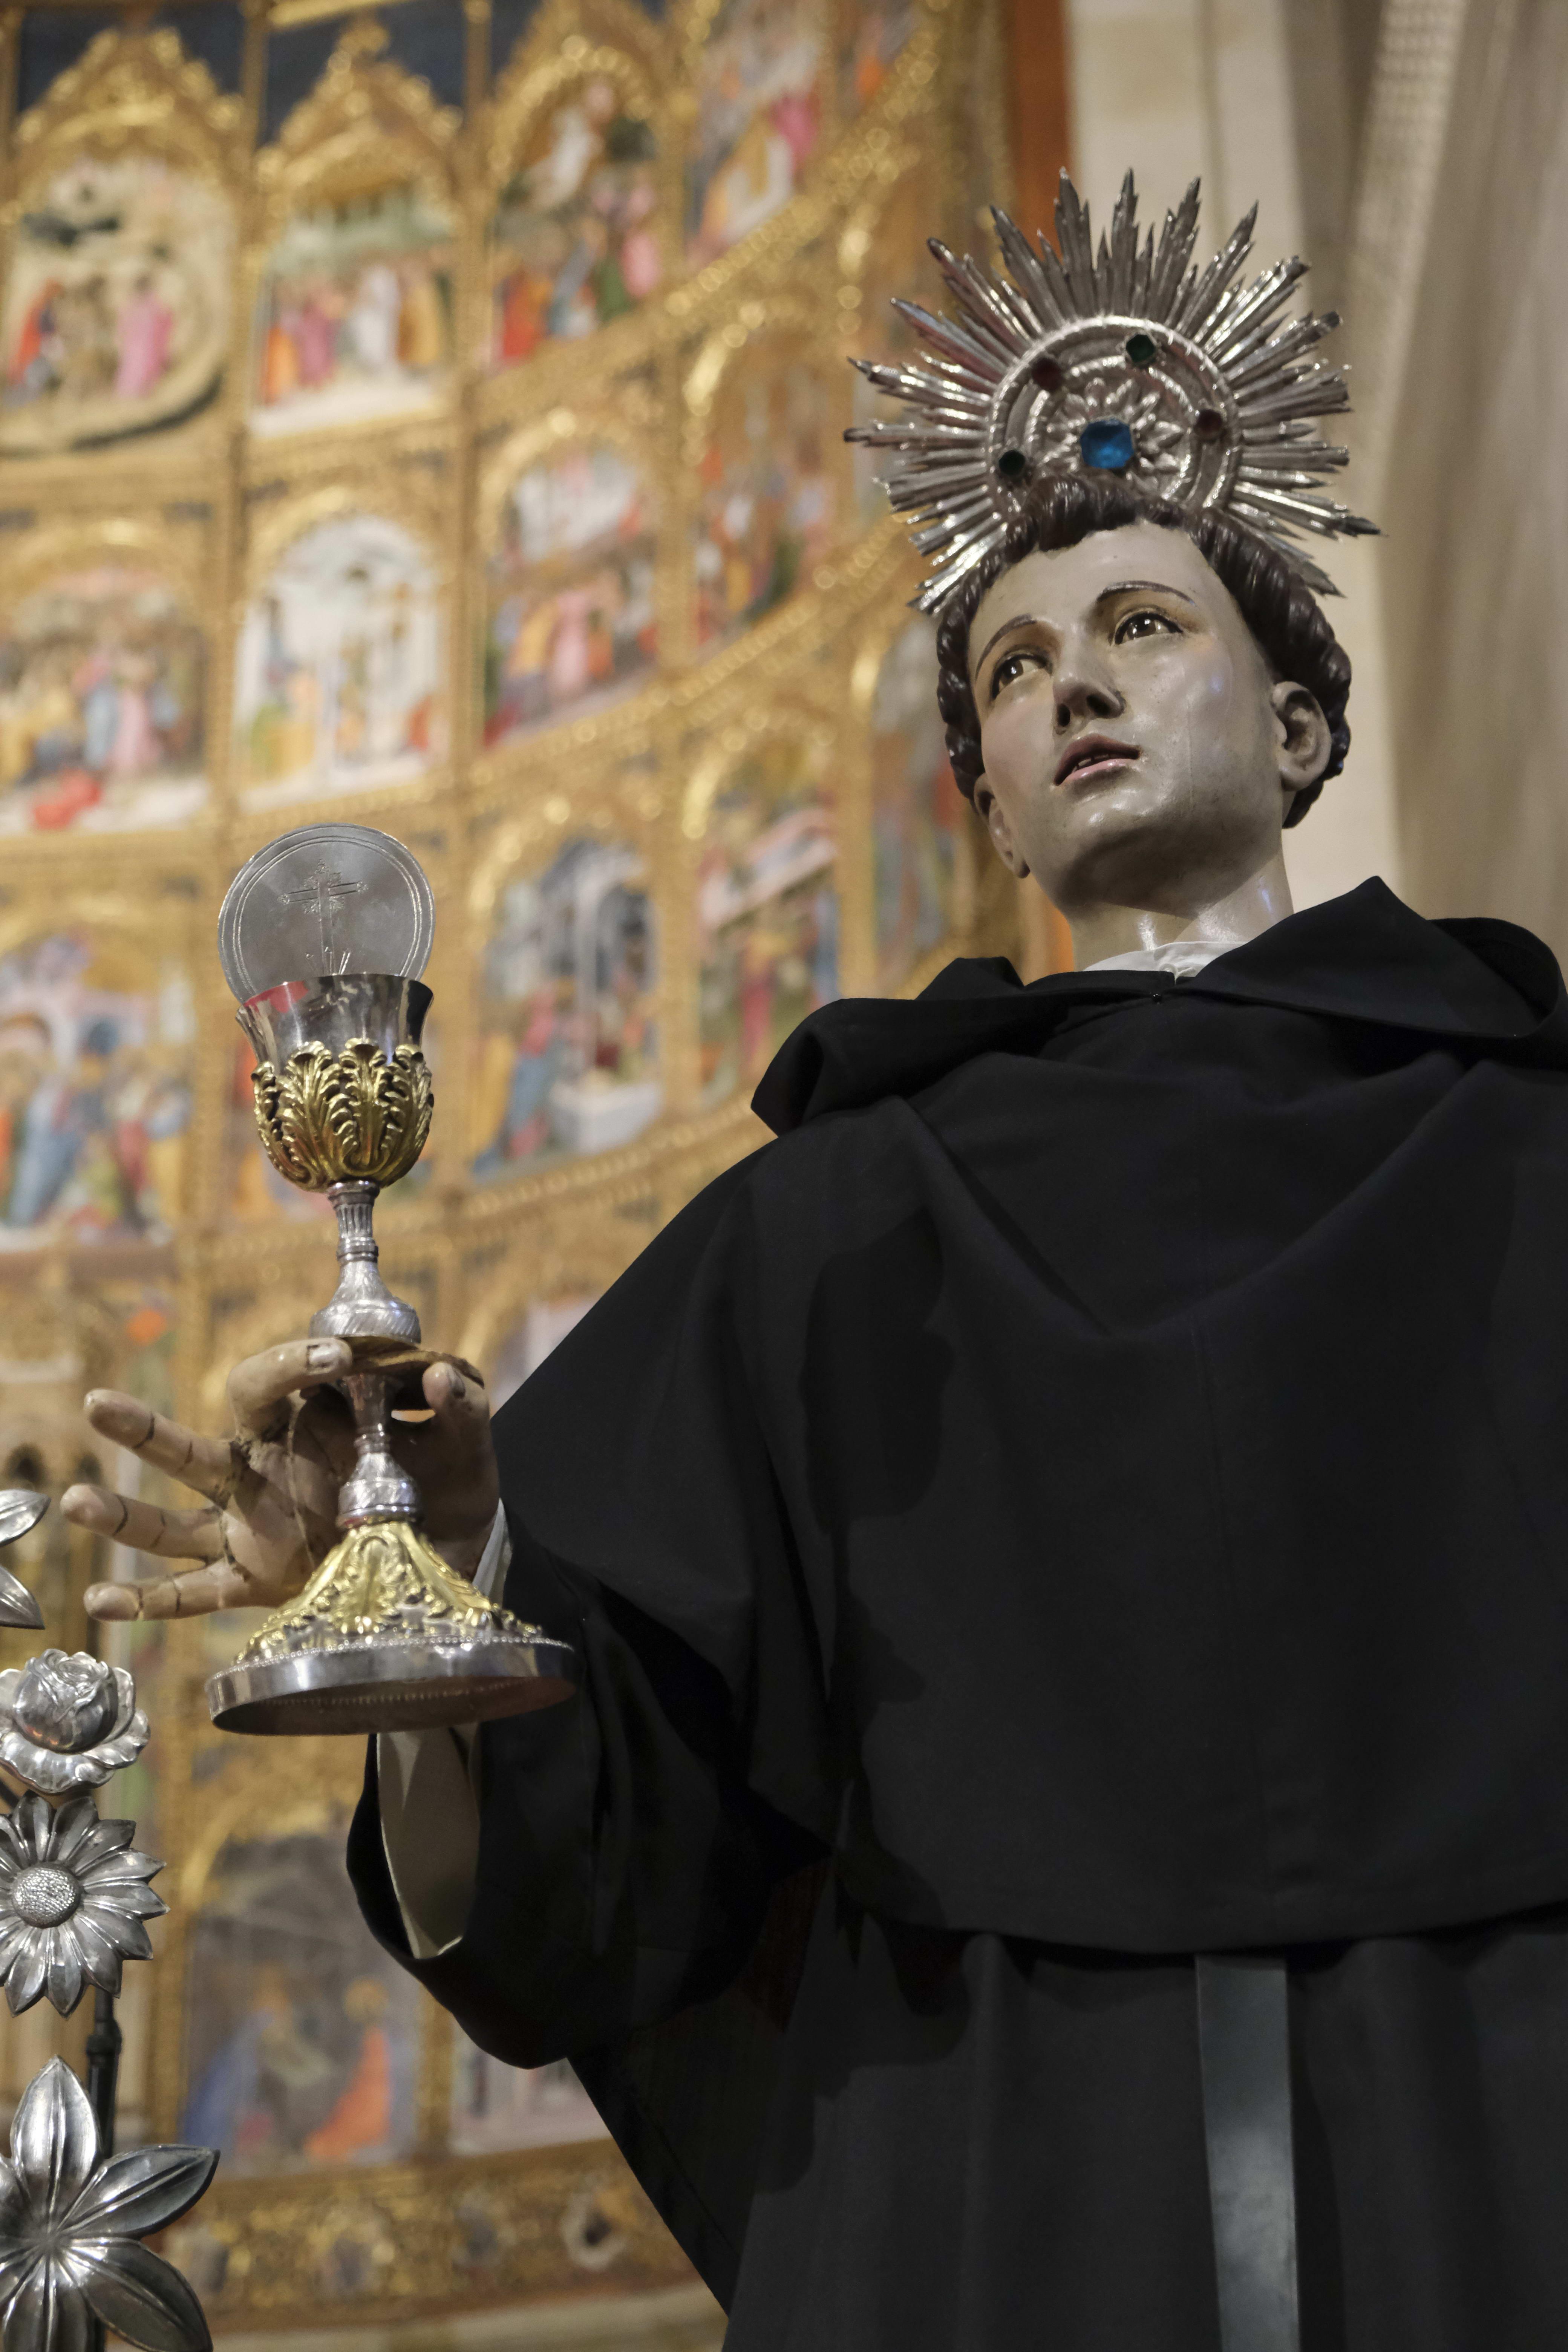 Fiesta de San Juan de Shagún, patrono de la ciudad y Diócesis de Salamanca